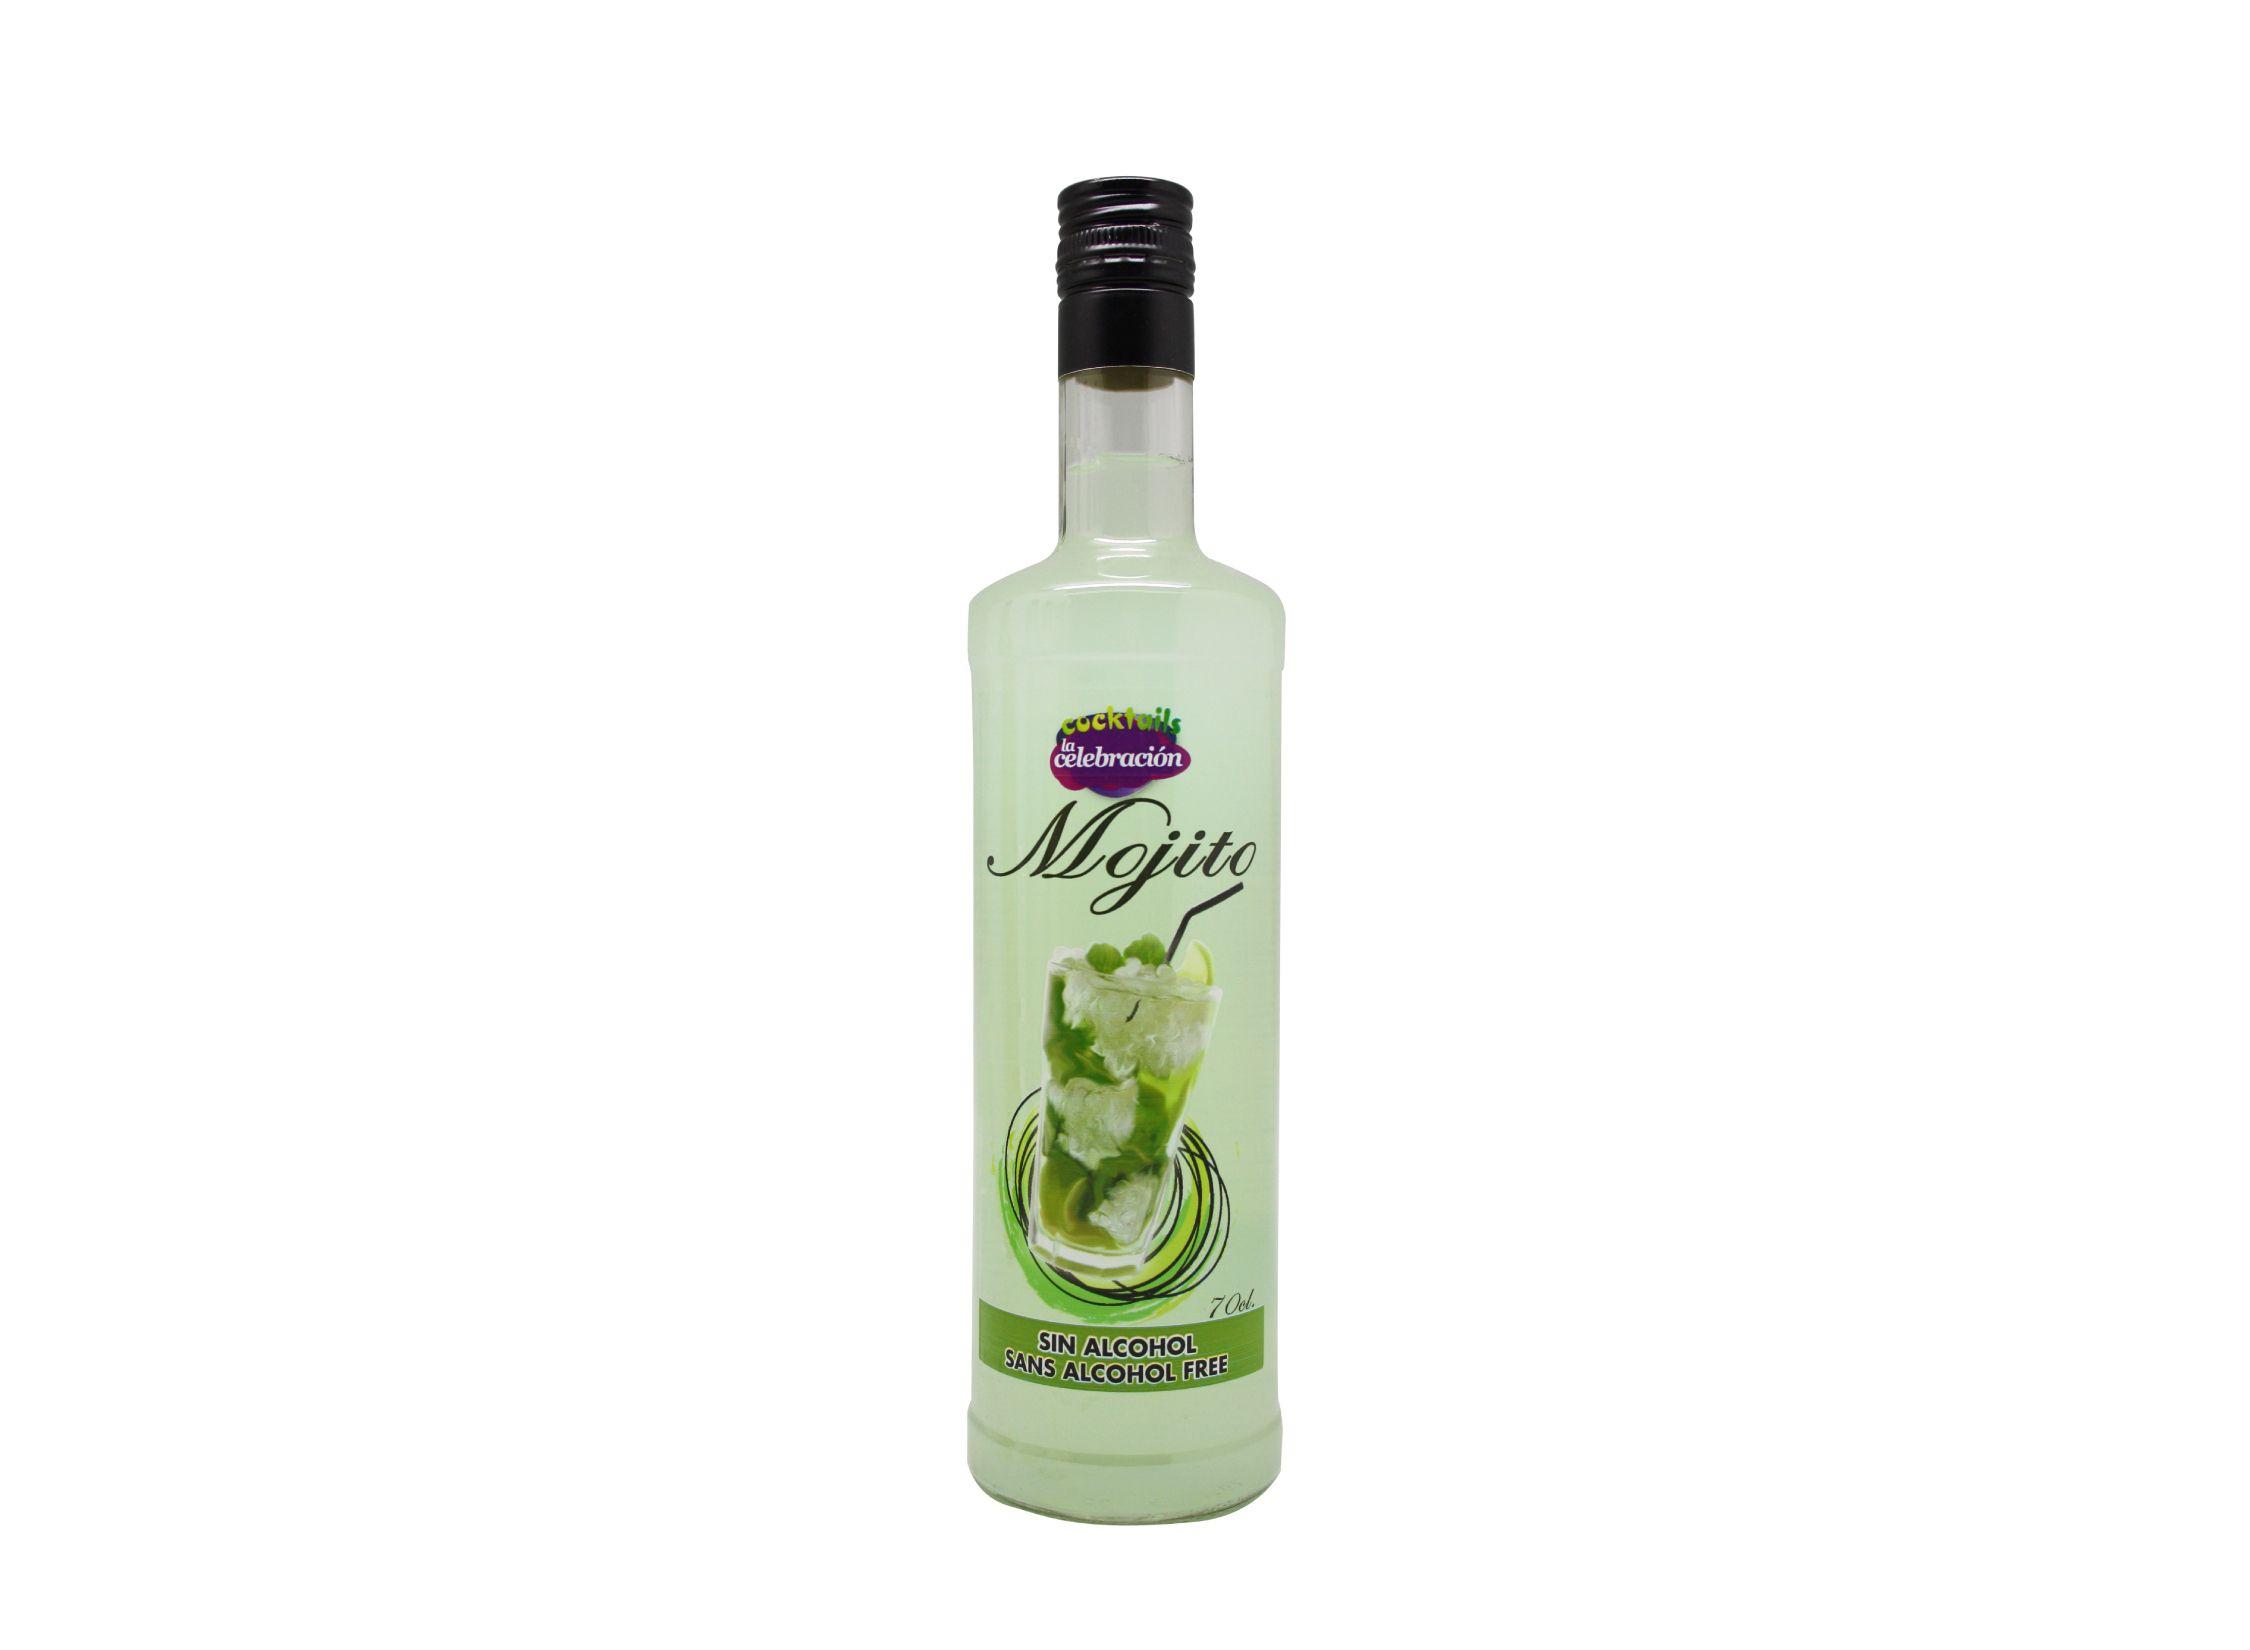 botella de Mojito sin alcohol premezclado en botella de 70cl listo para tomar